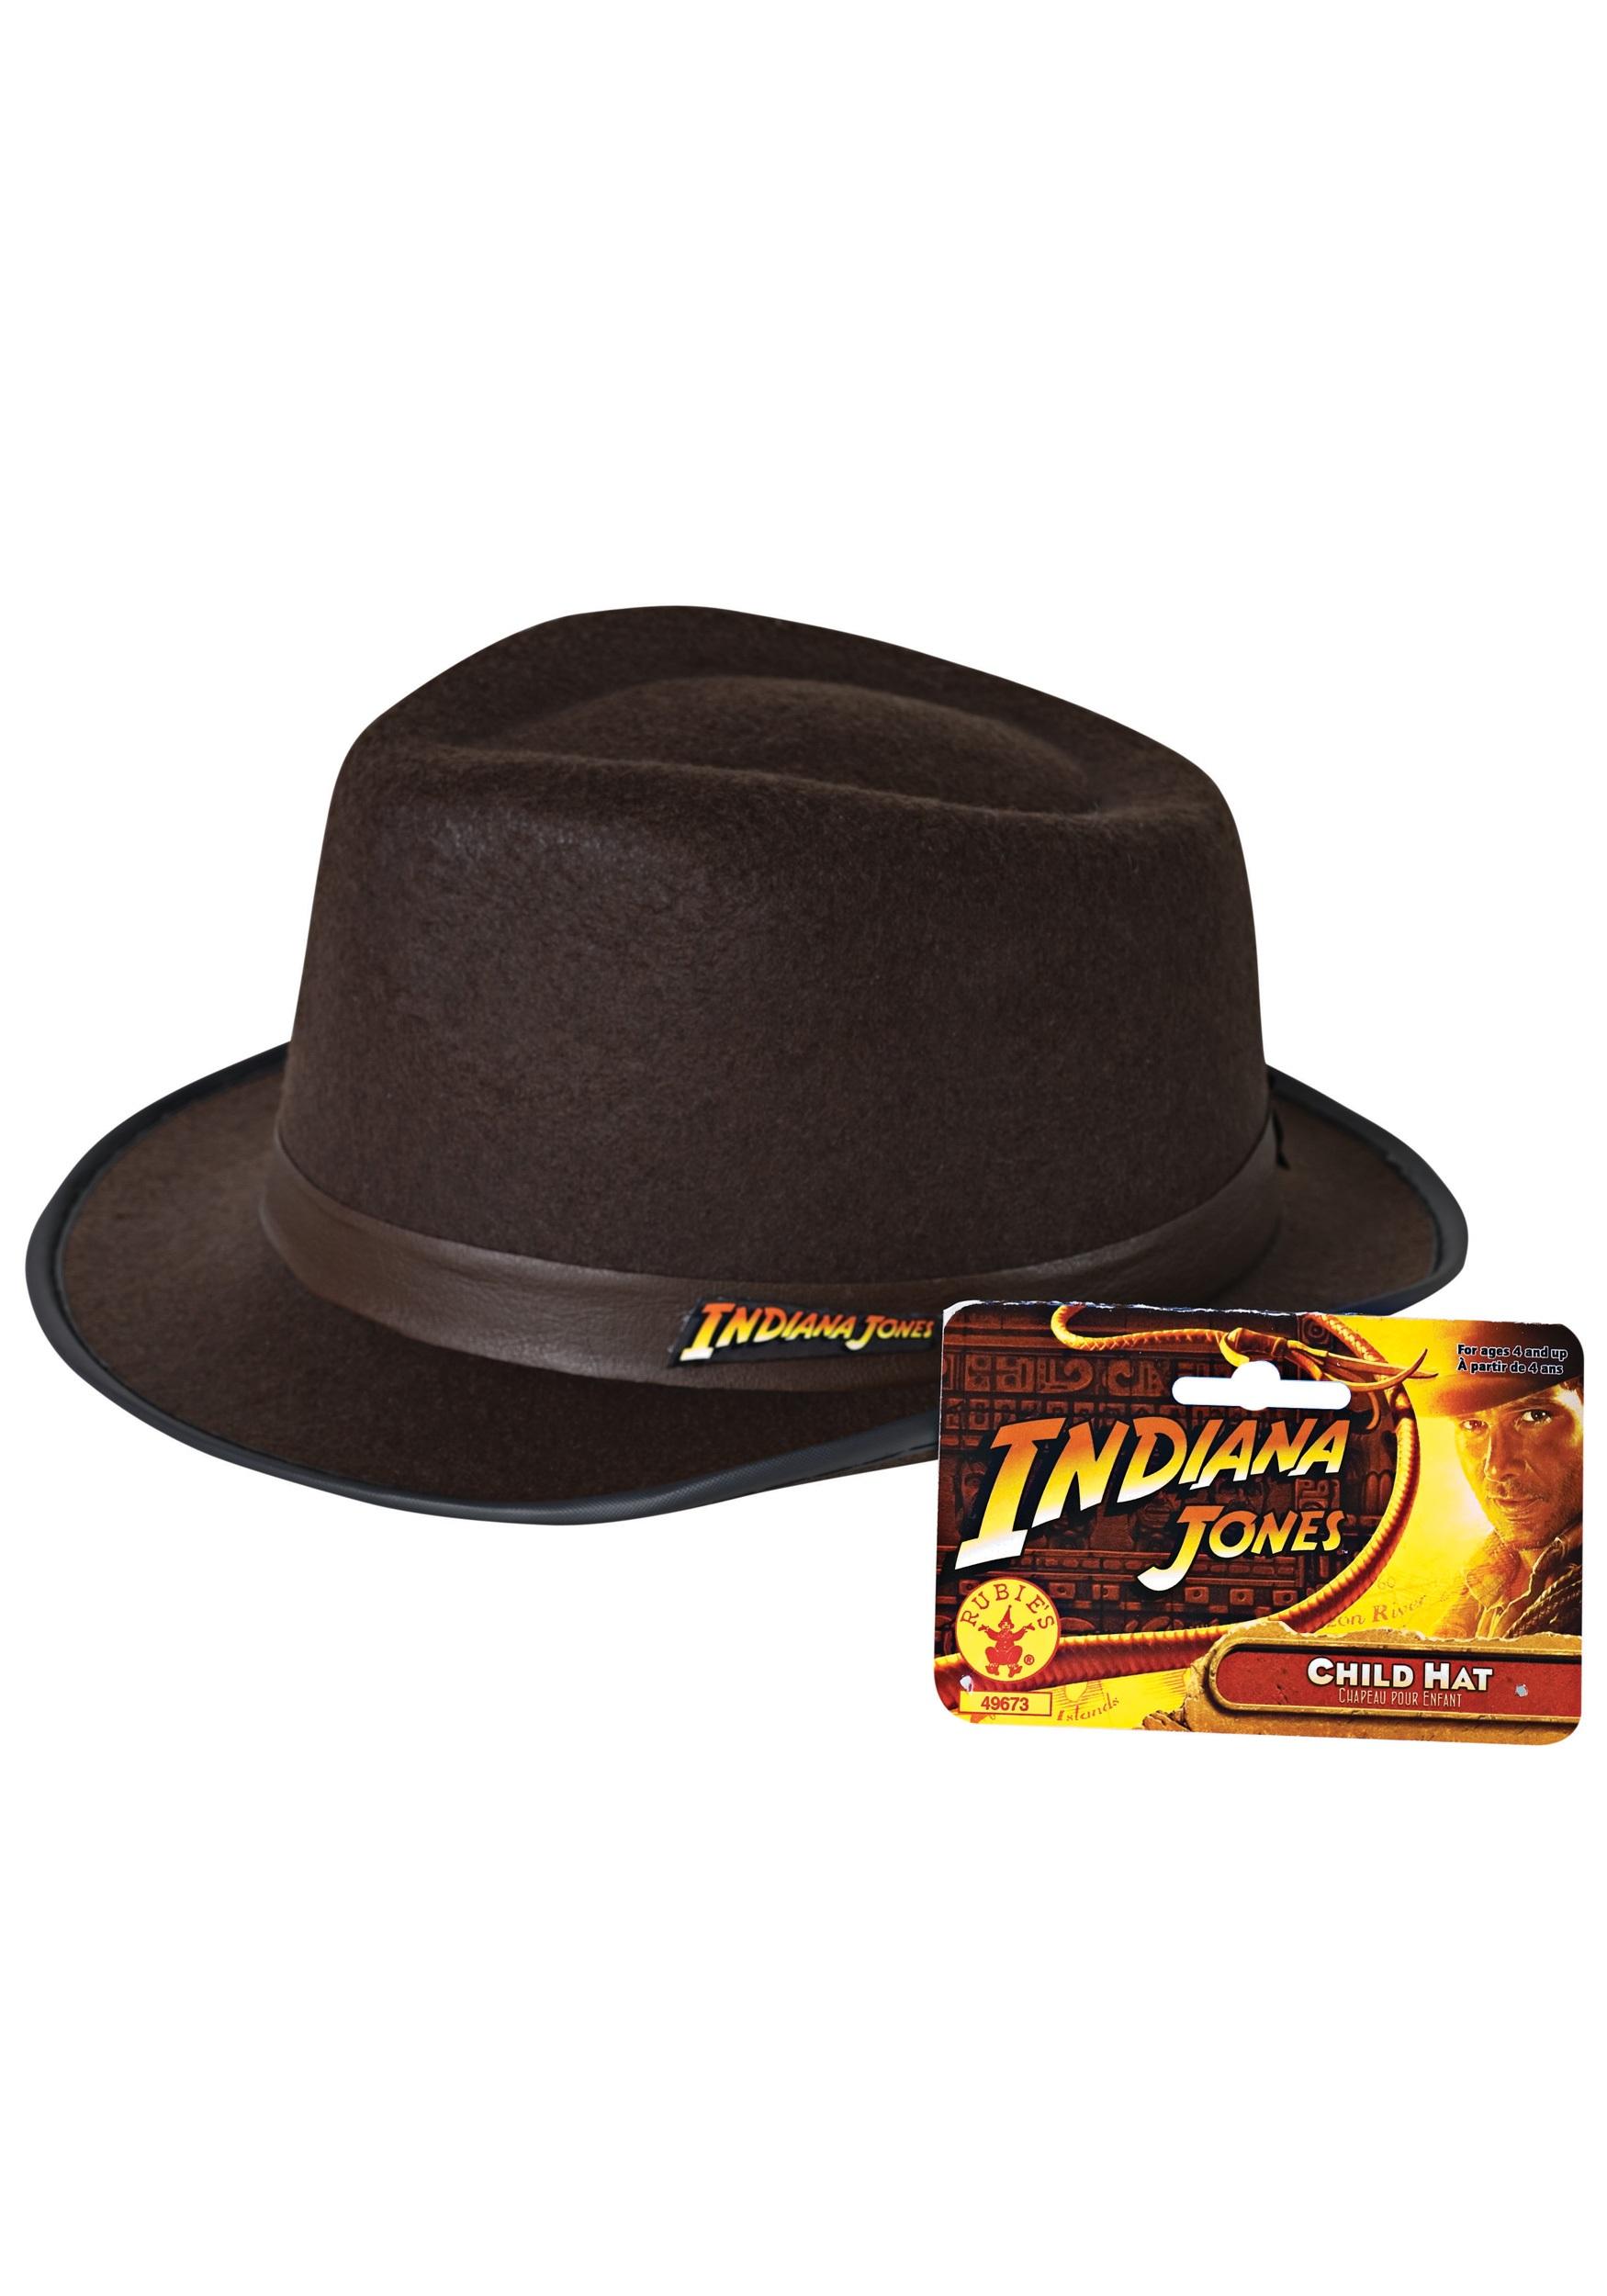 Indiana Jones Hat Indiana Jones Child Hat